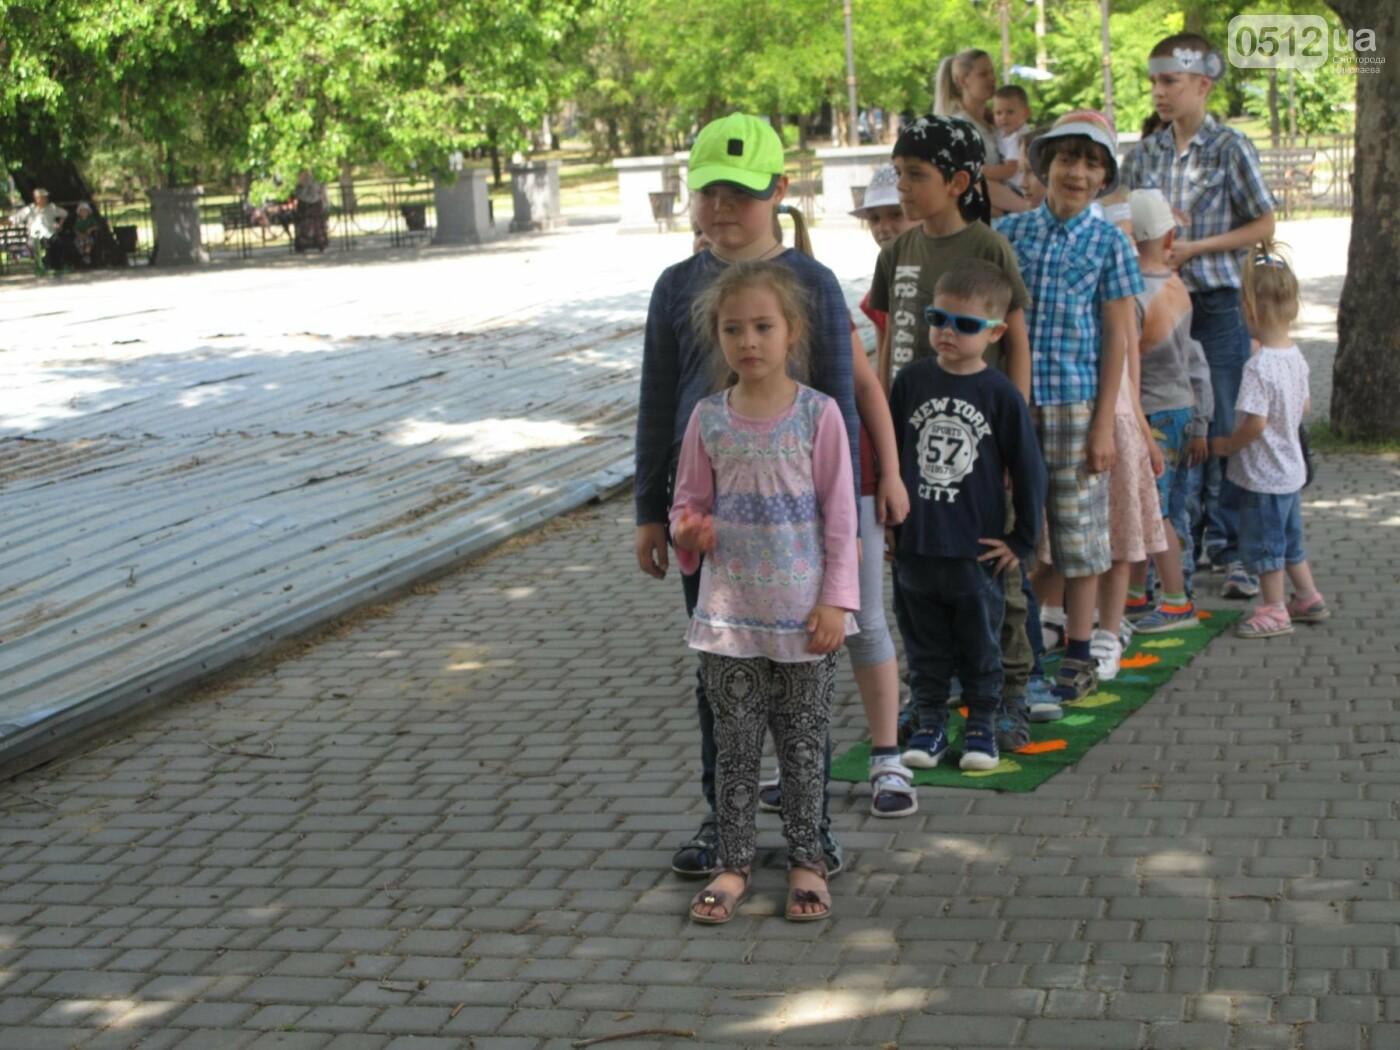 В Сердце города организовали развлекательную программу для детей с нарушением слуха., фото-4